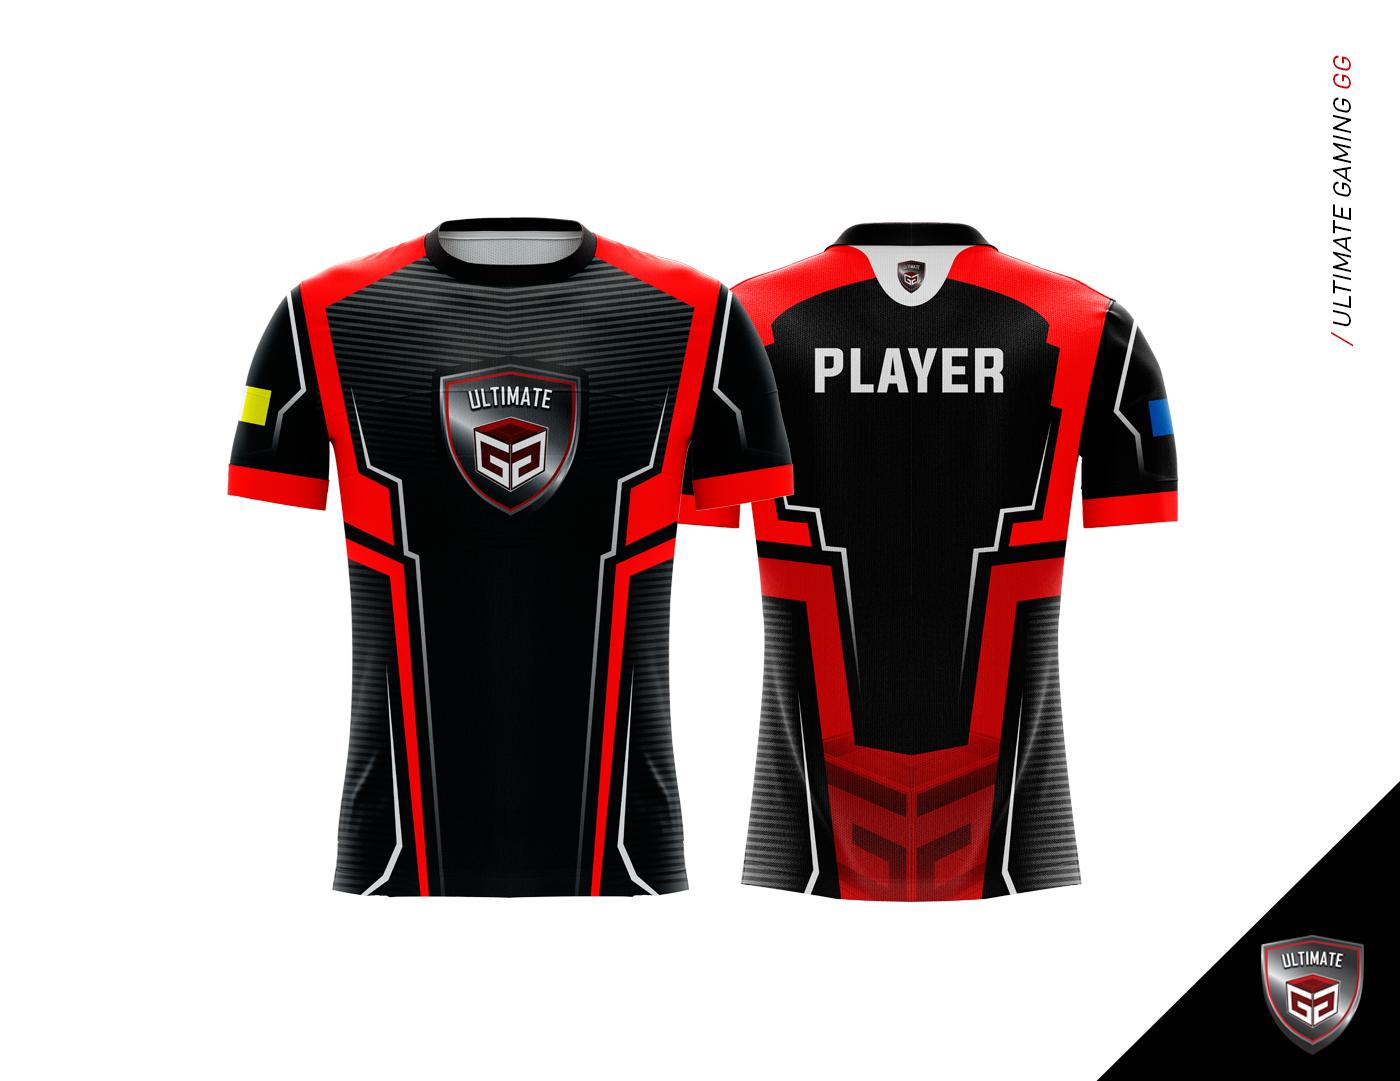 Gaming Jersey 2017 On Behance Logo Keren Desain Logo Desain